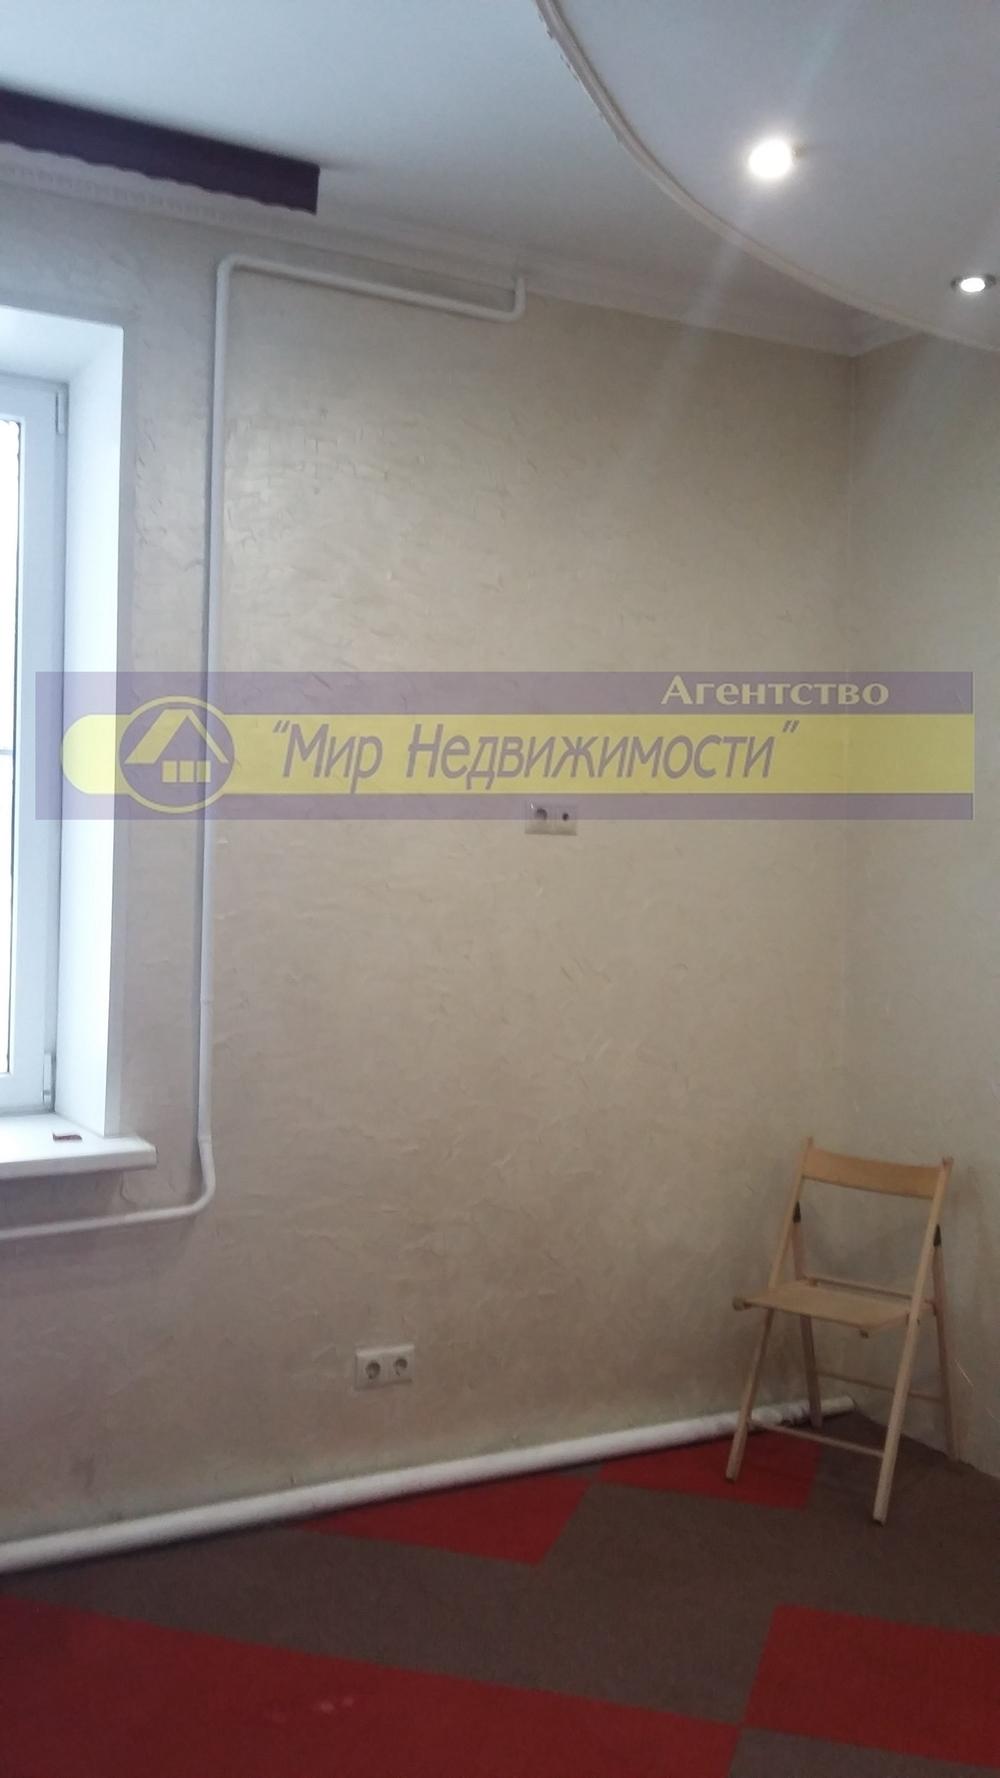 Московская область, Серпухов, Текстильная ул., д. 3